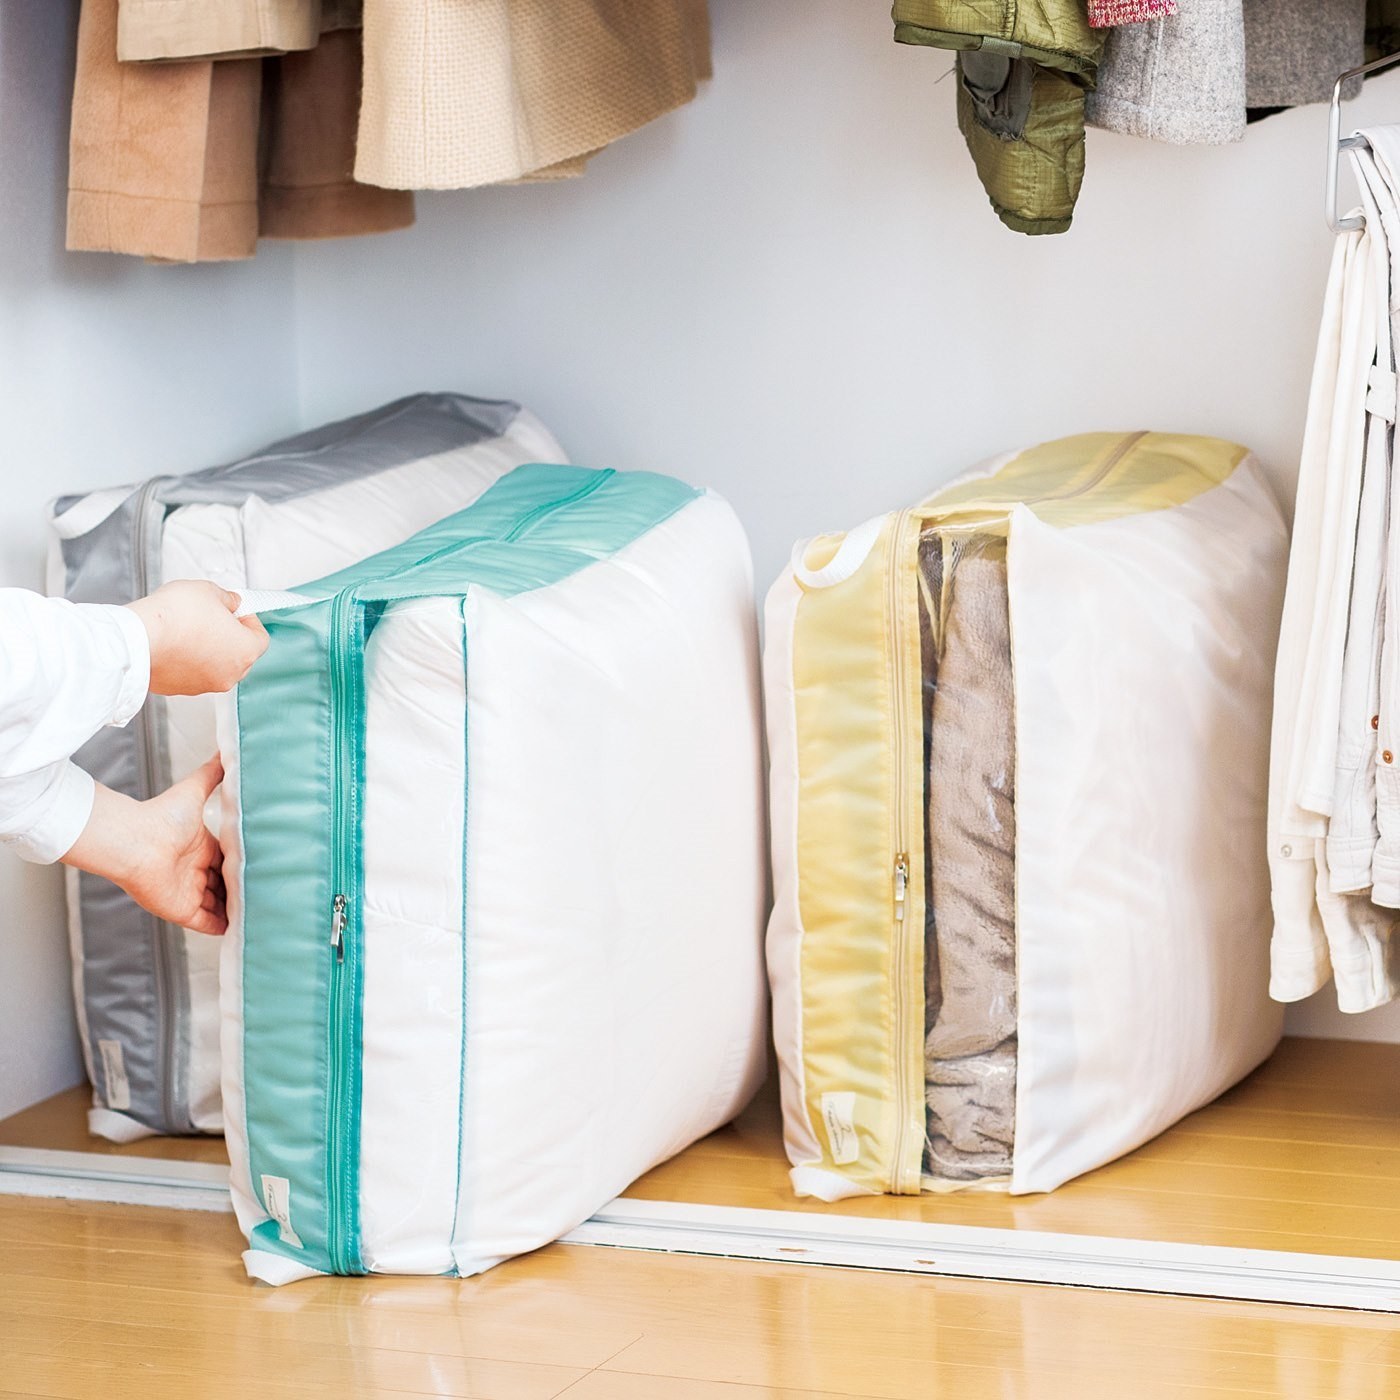 小さくまとめて出し入れもスマート 掛け布団・毛布スリム収納ケース〈シングル用〉の会